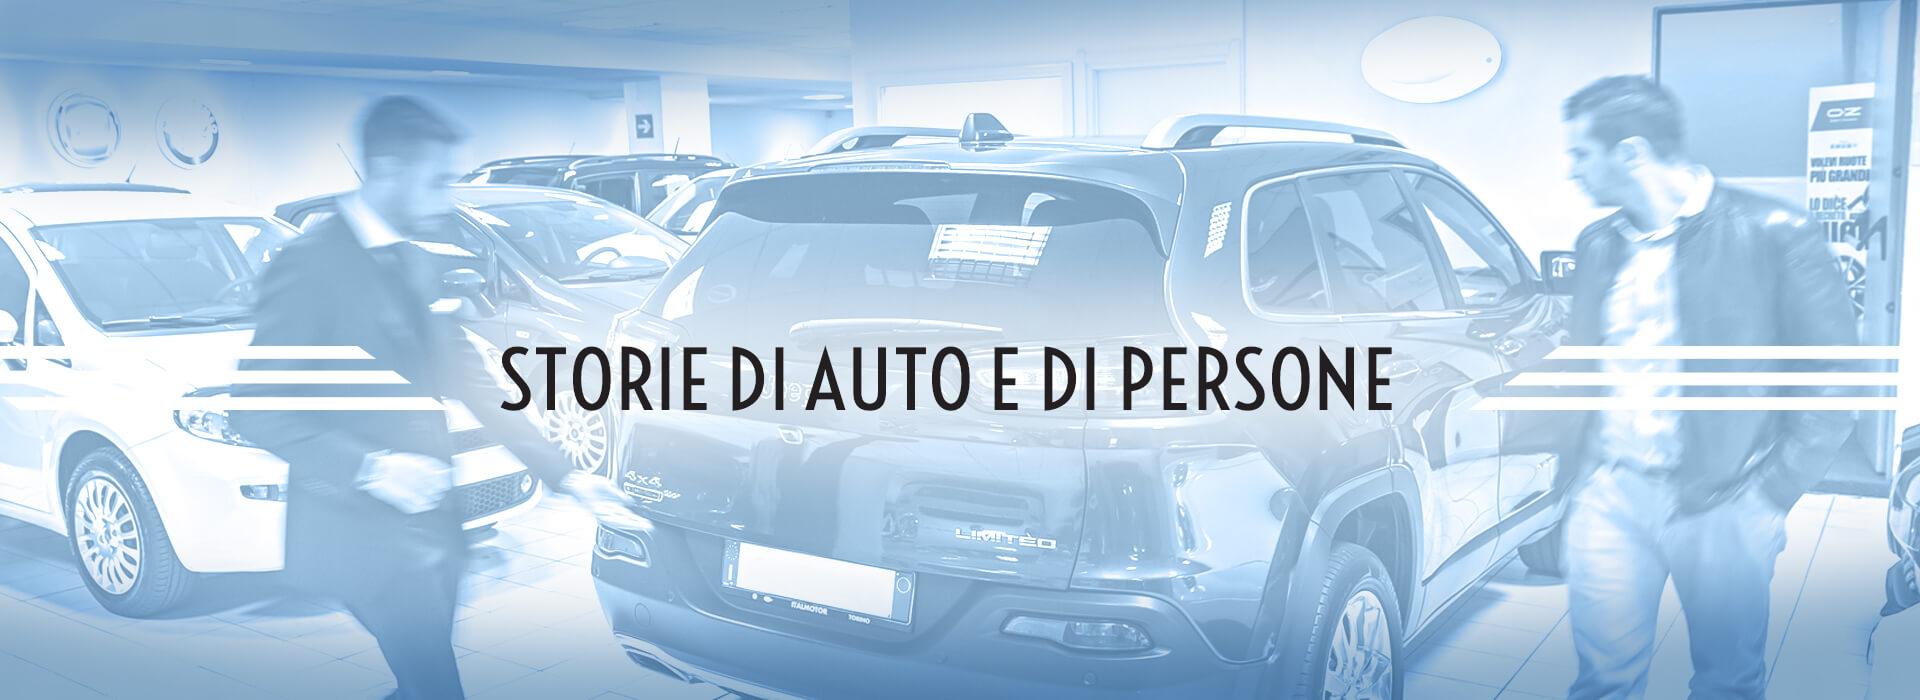 Concessionaria auto Torino